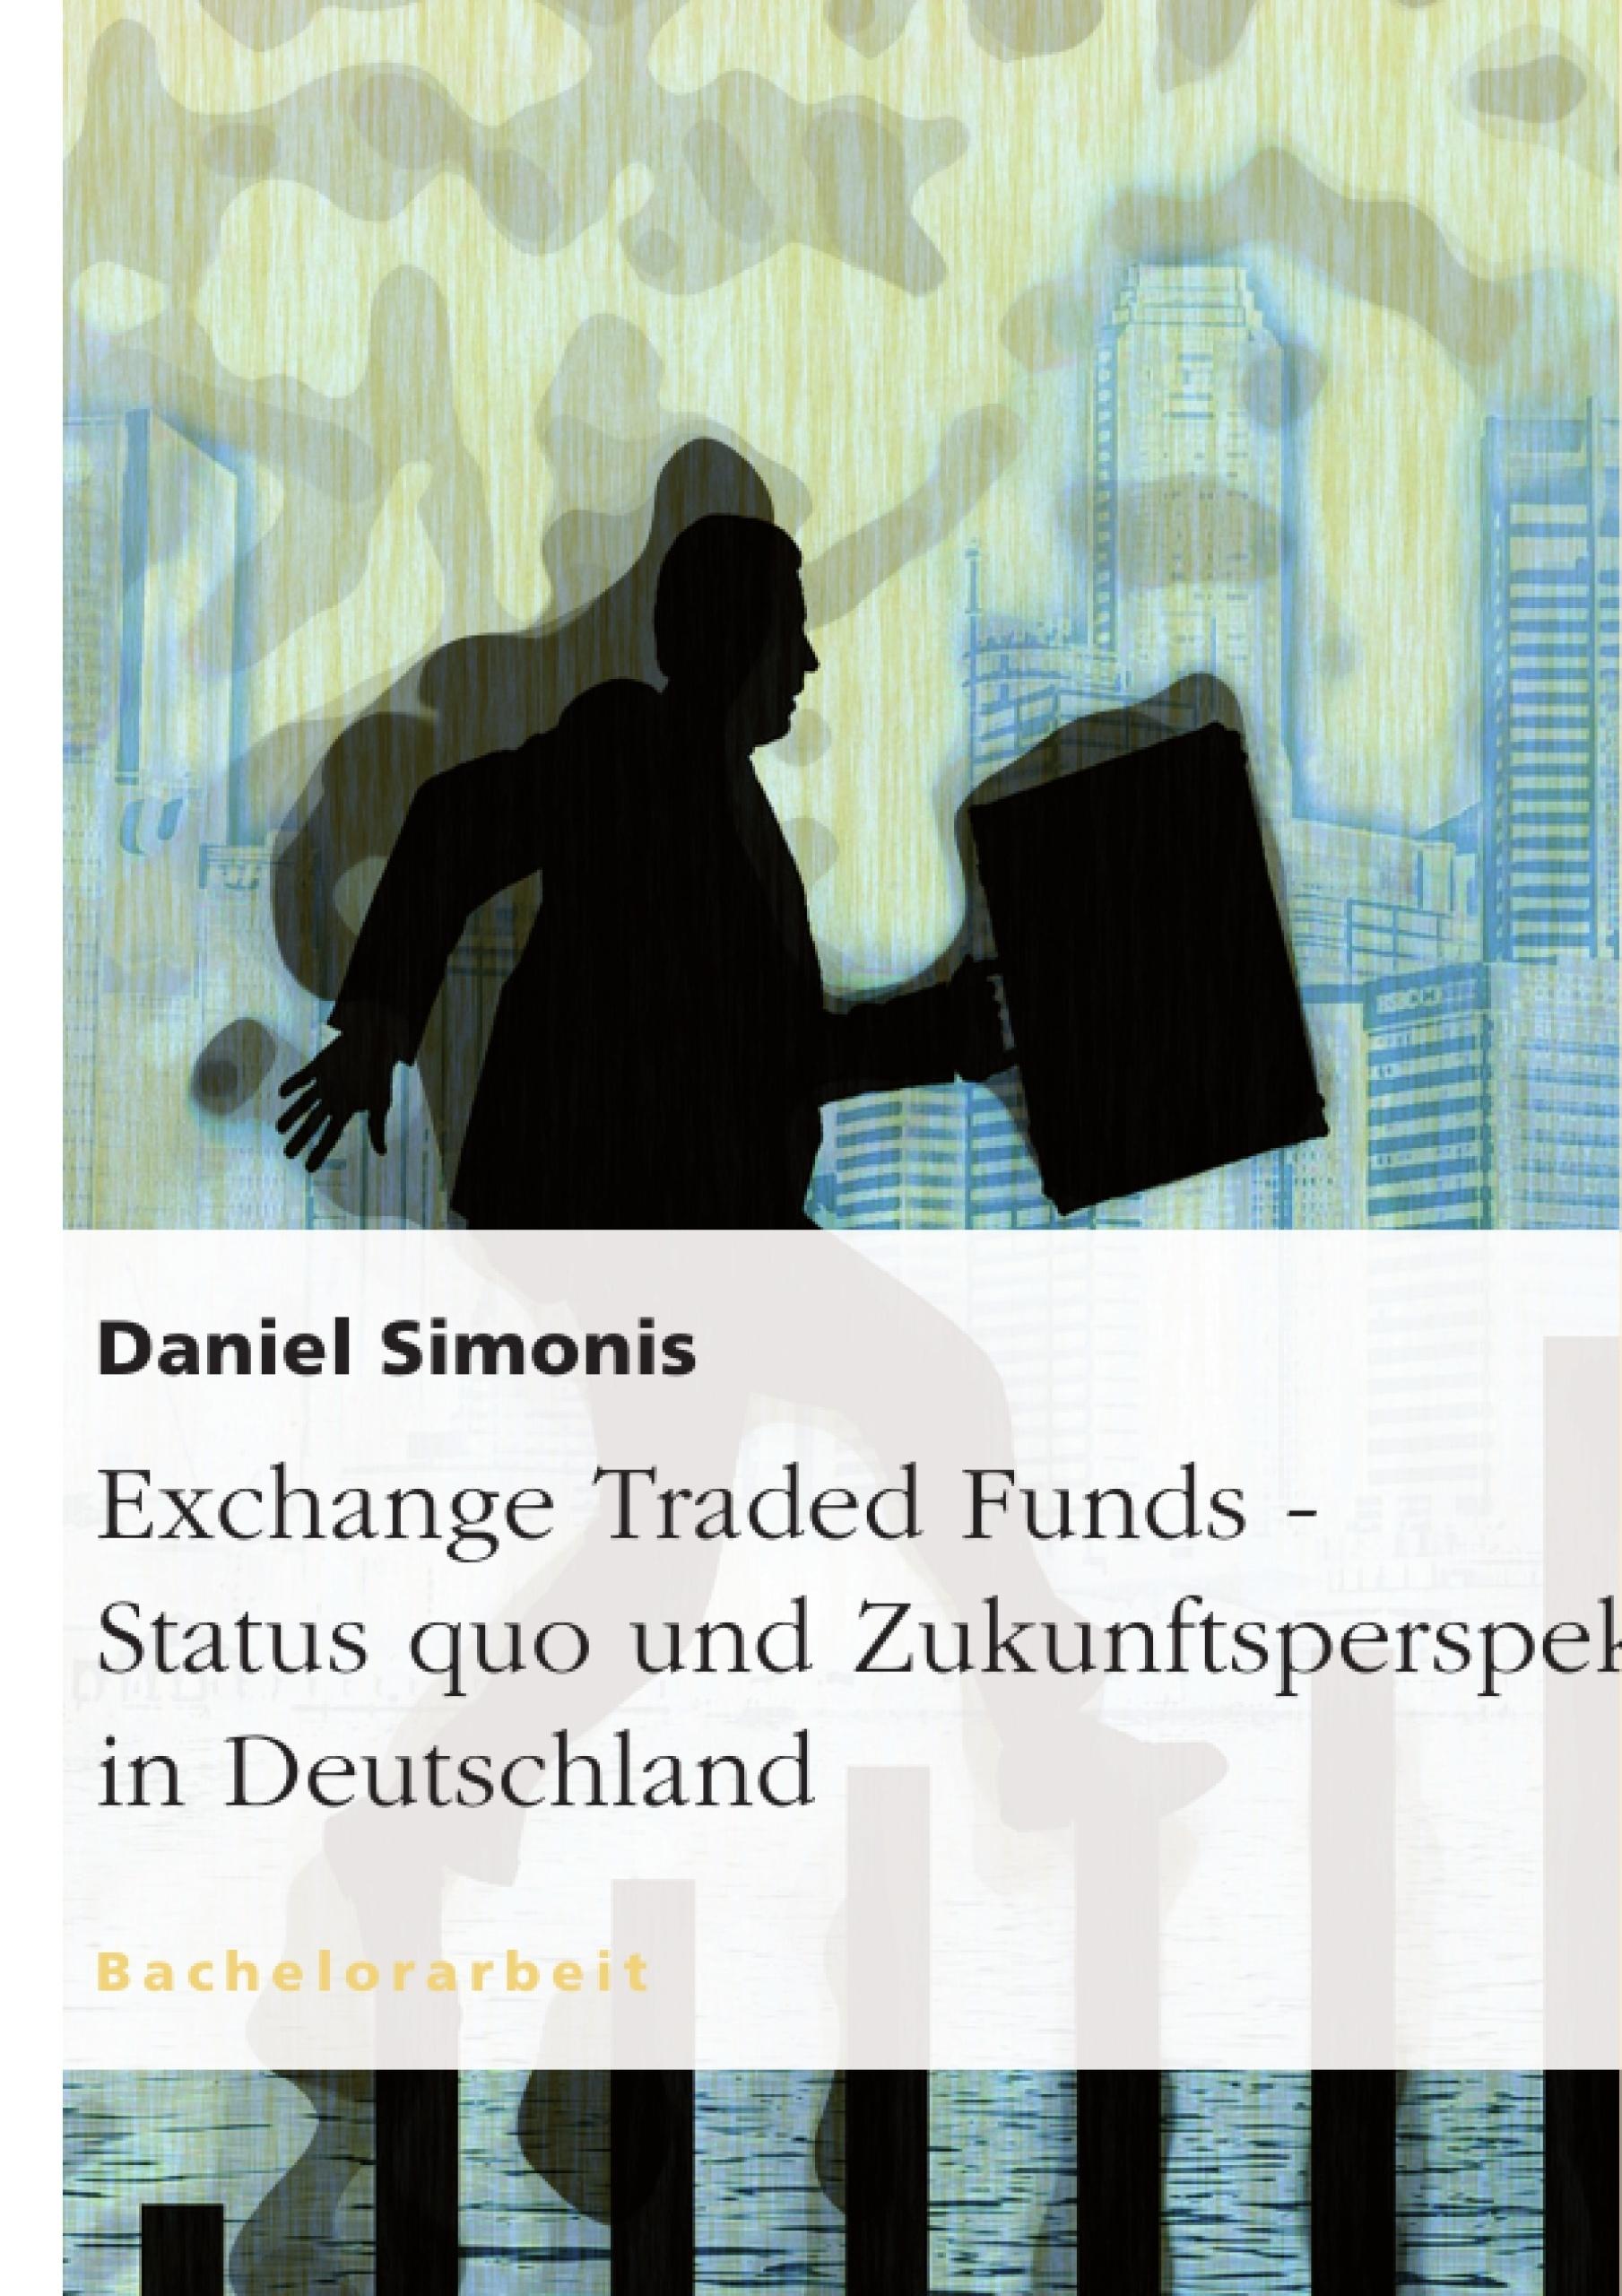 Titel: Exchange Traded Funds - Status quo und Zukunftsperspektiven in Deutschland